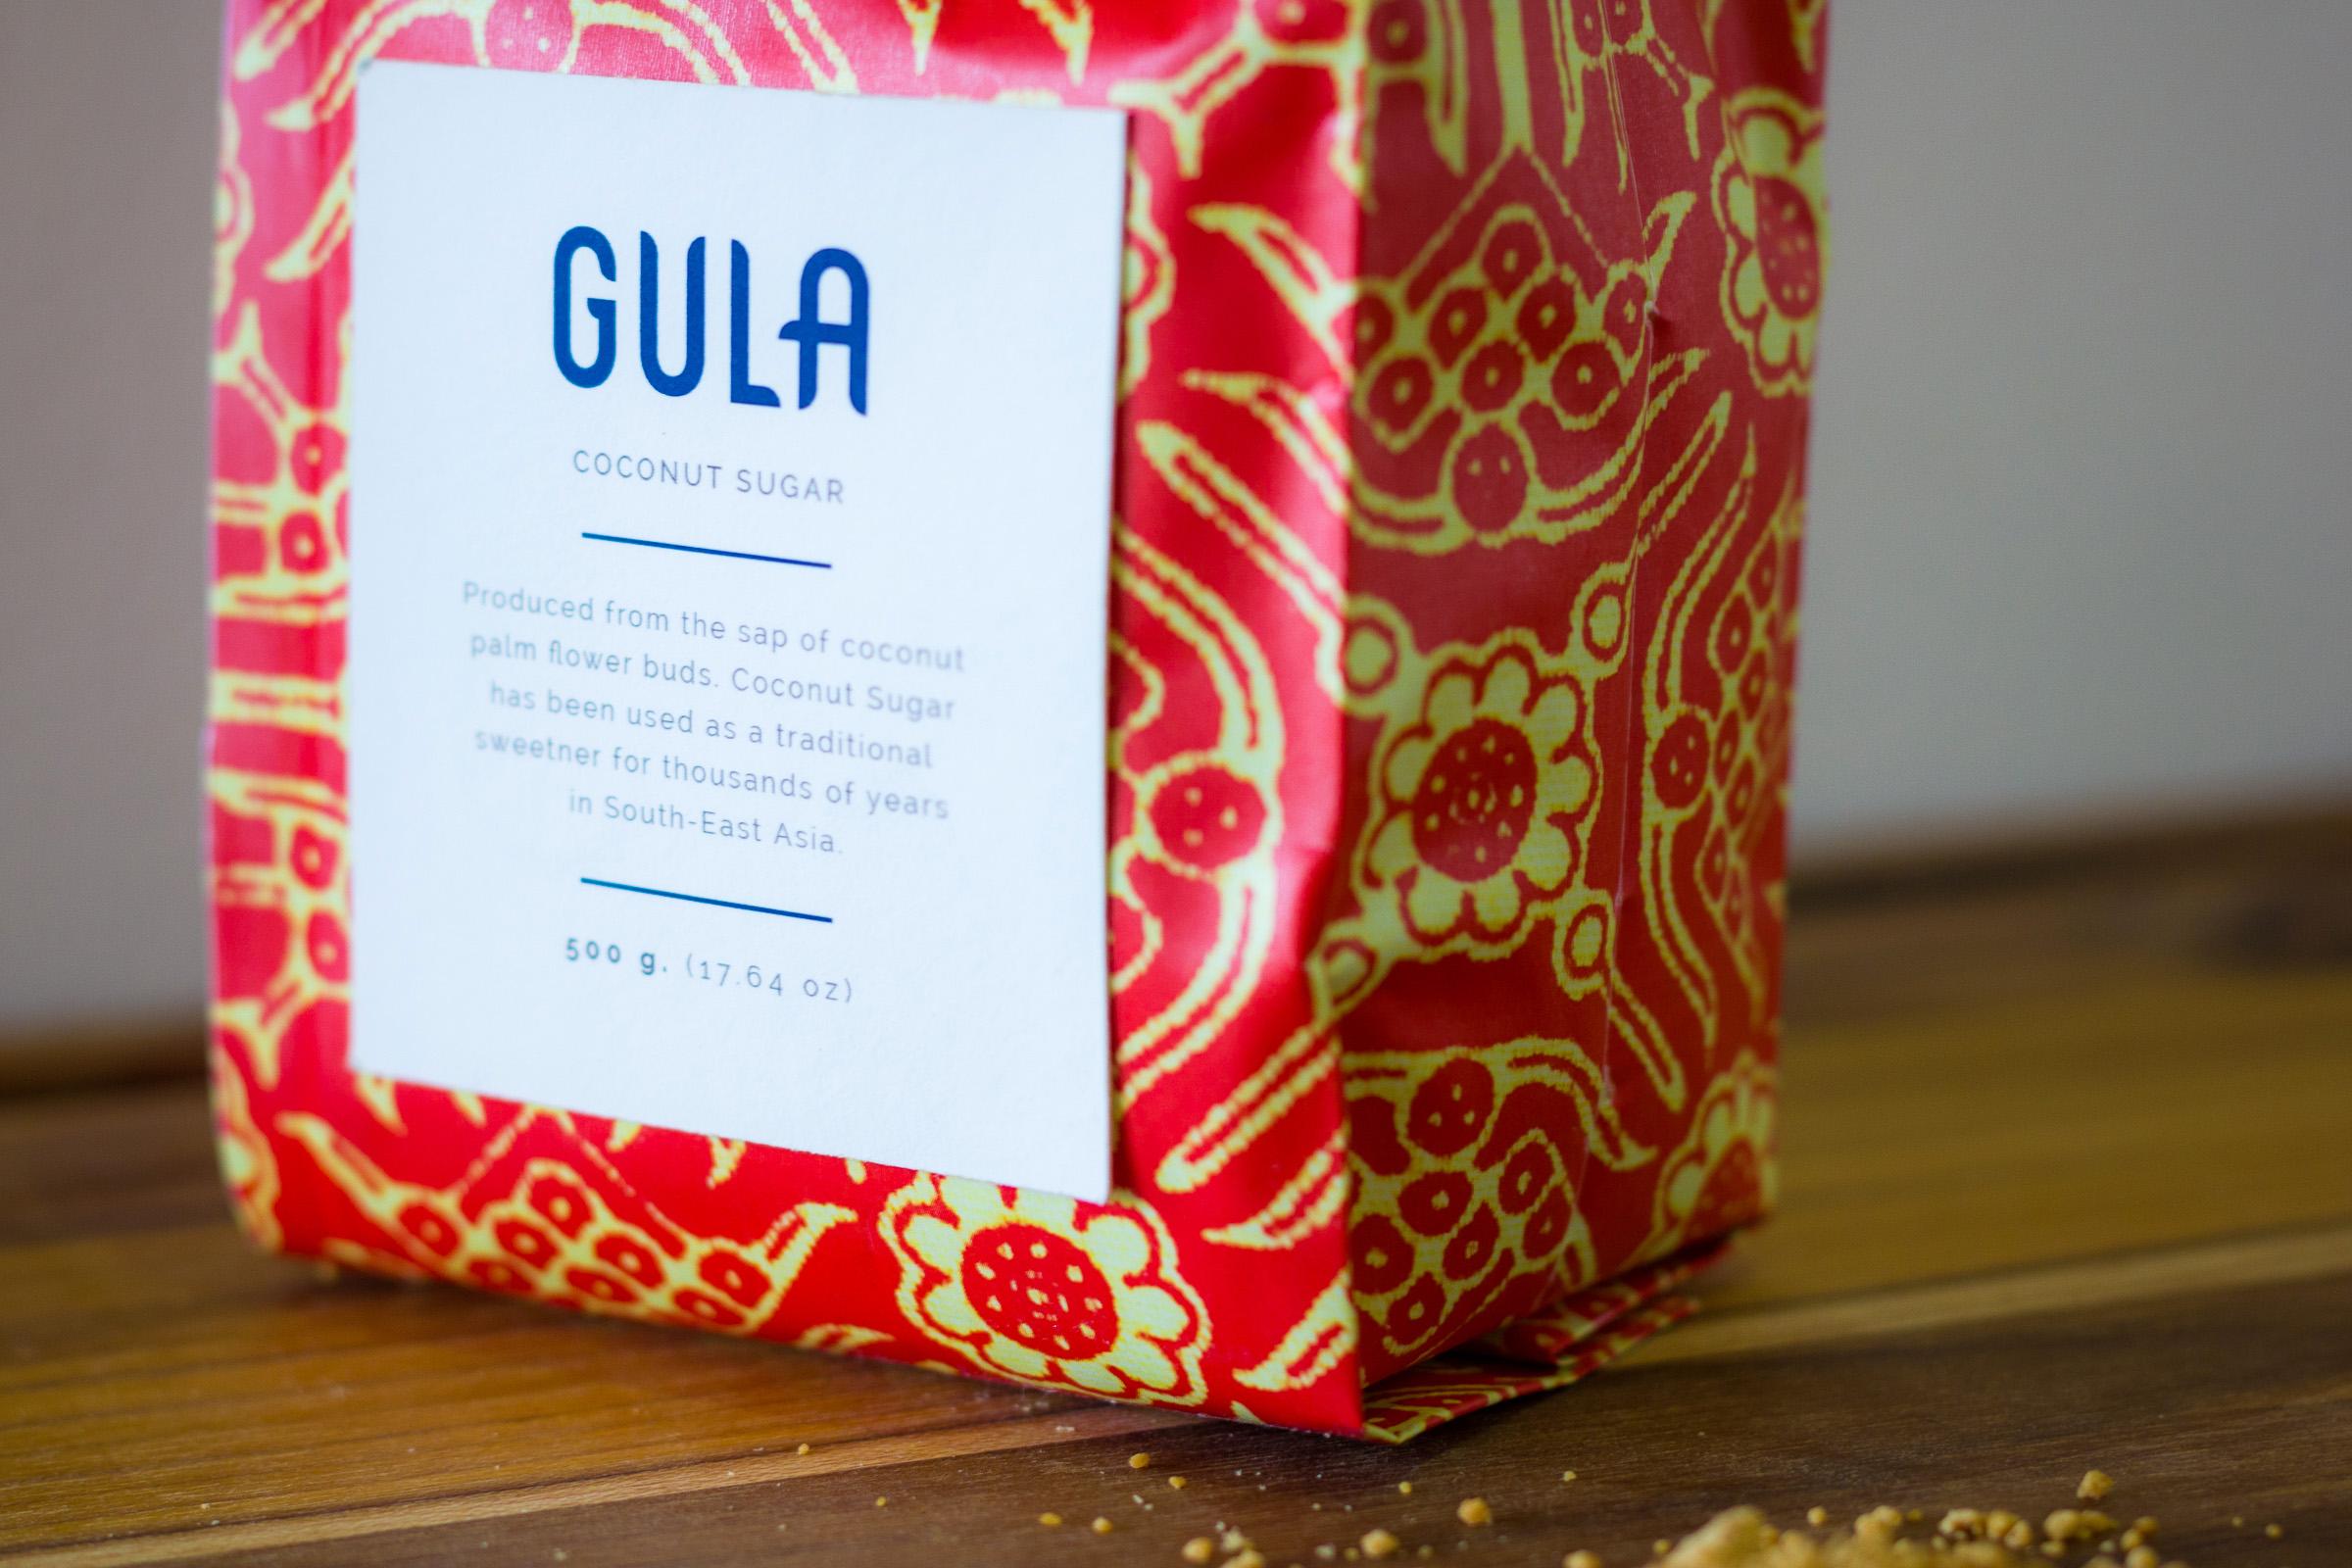 gula_packaging-8.jpg